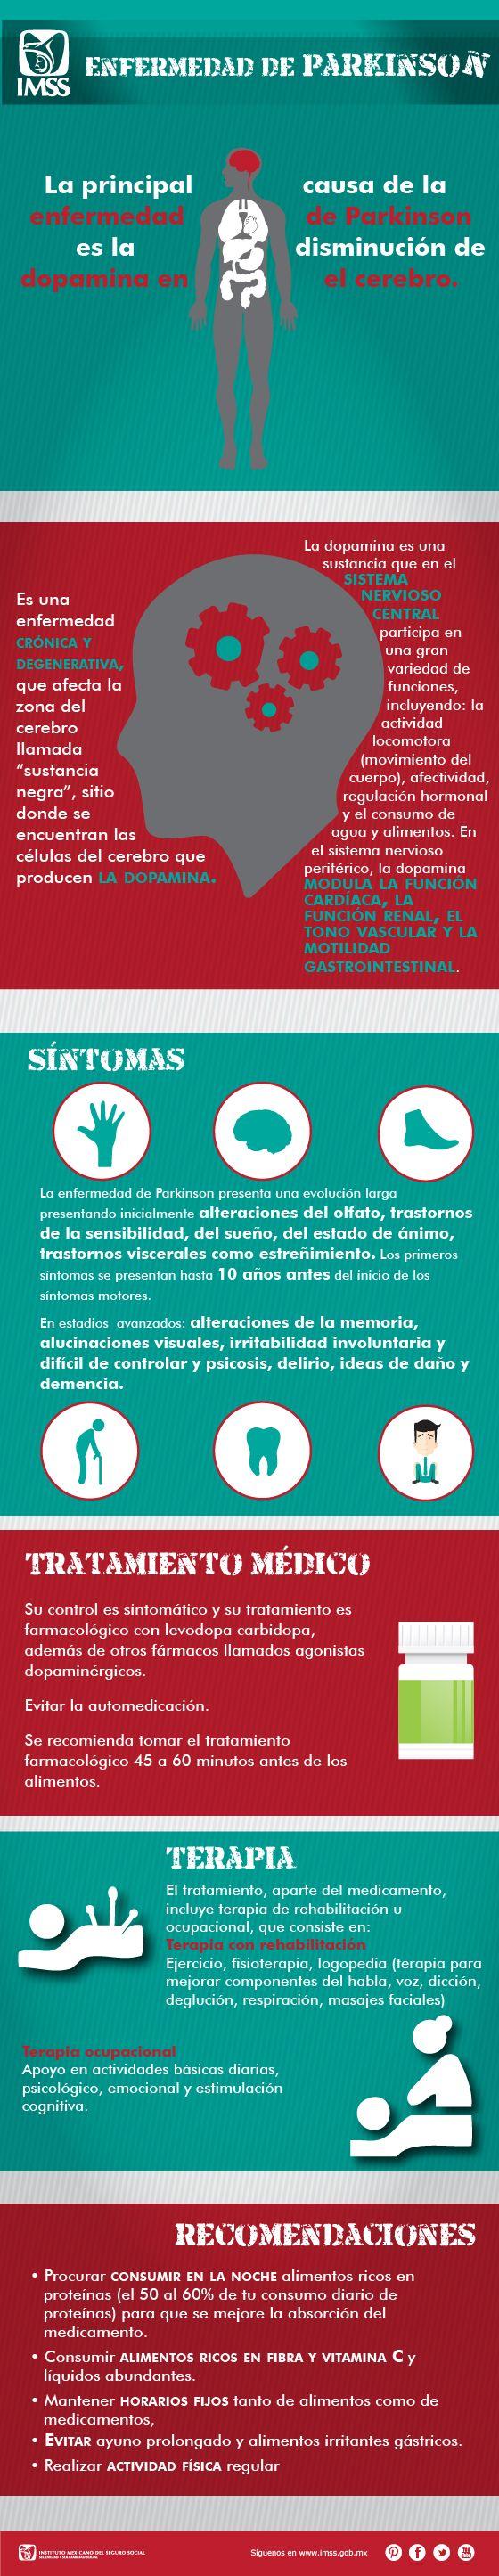 Enfermedad del Parkinson. Síntomas, ejercicios y tratamiento